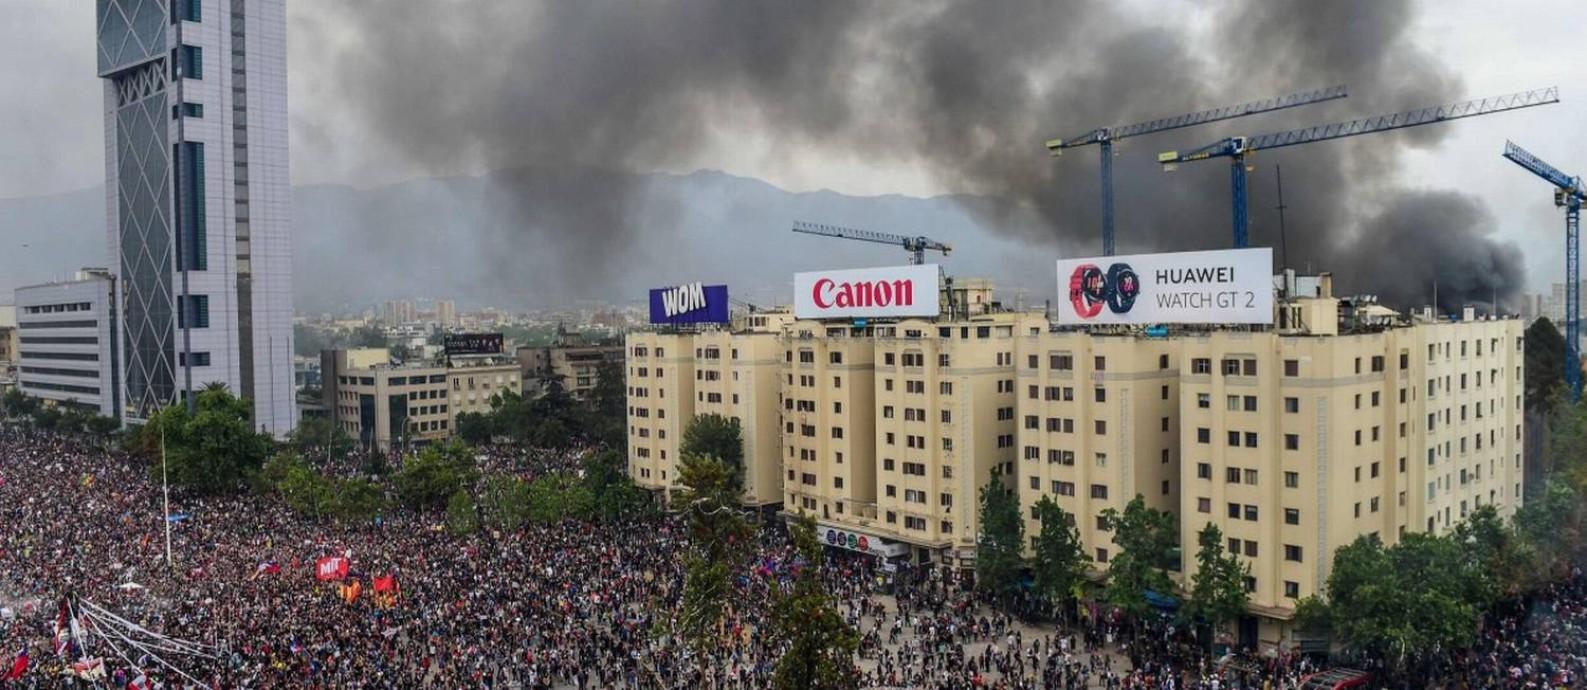 Fumaça da Universidade Pedro de Valdivia, incendiada por mascarados, é vista durante grande marcha na Praça Itália Foto: MARTIN BERNETTI / AFP